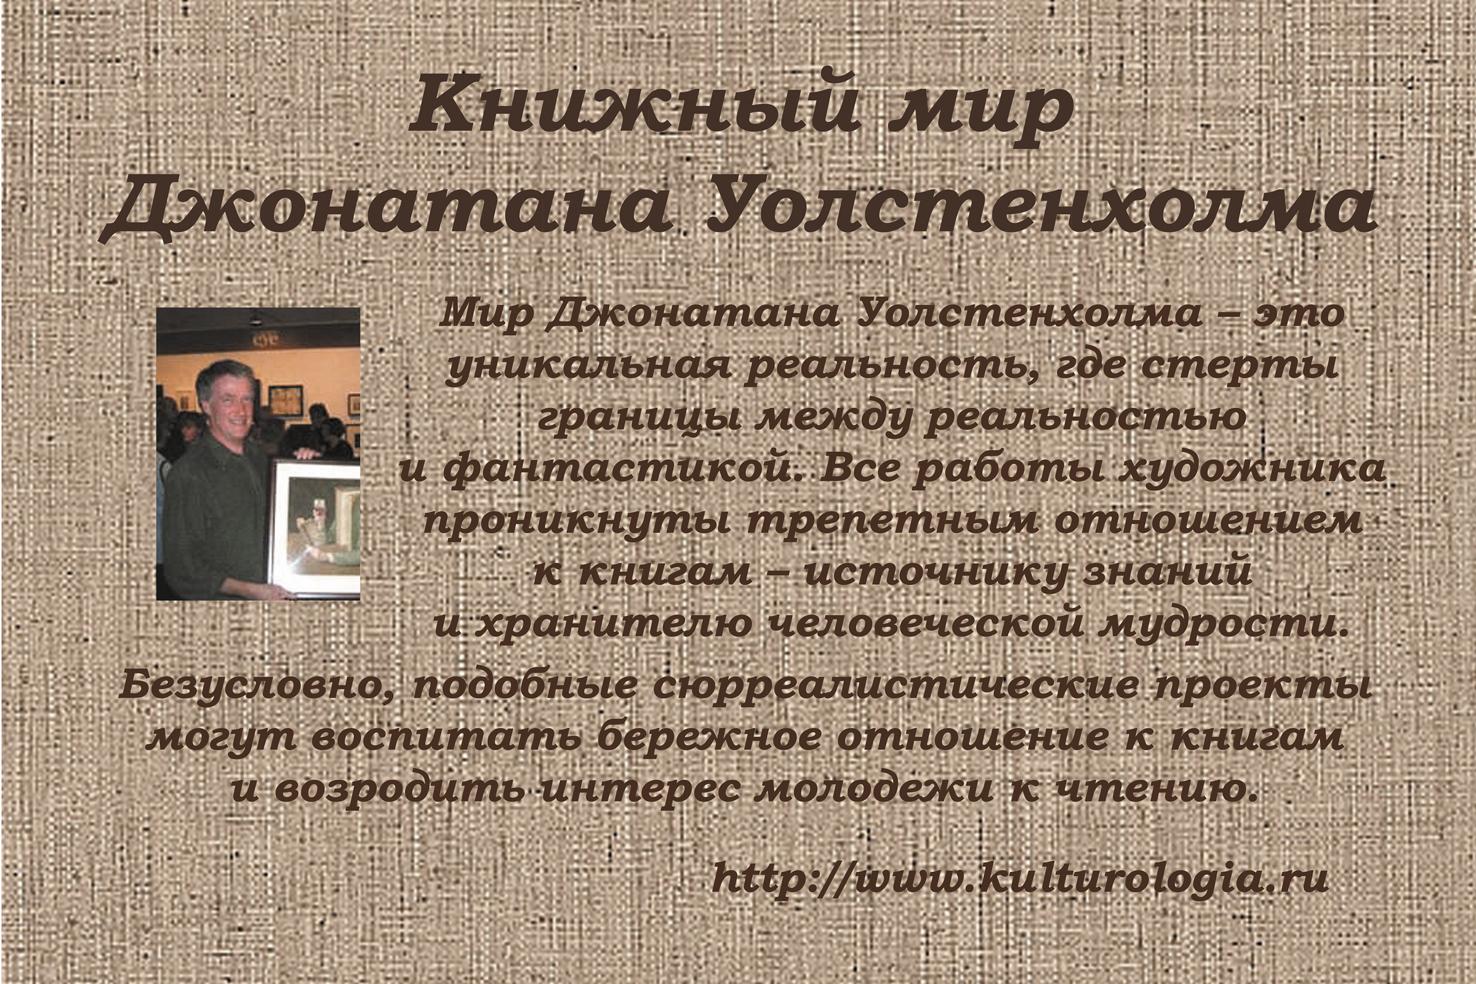 knizhkoviy_svit_Dzhonatana_Uolstenholma